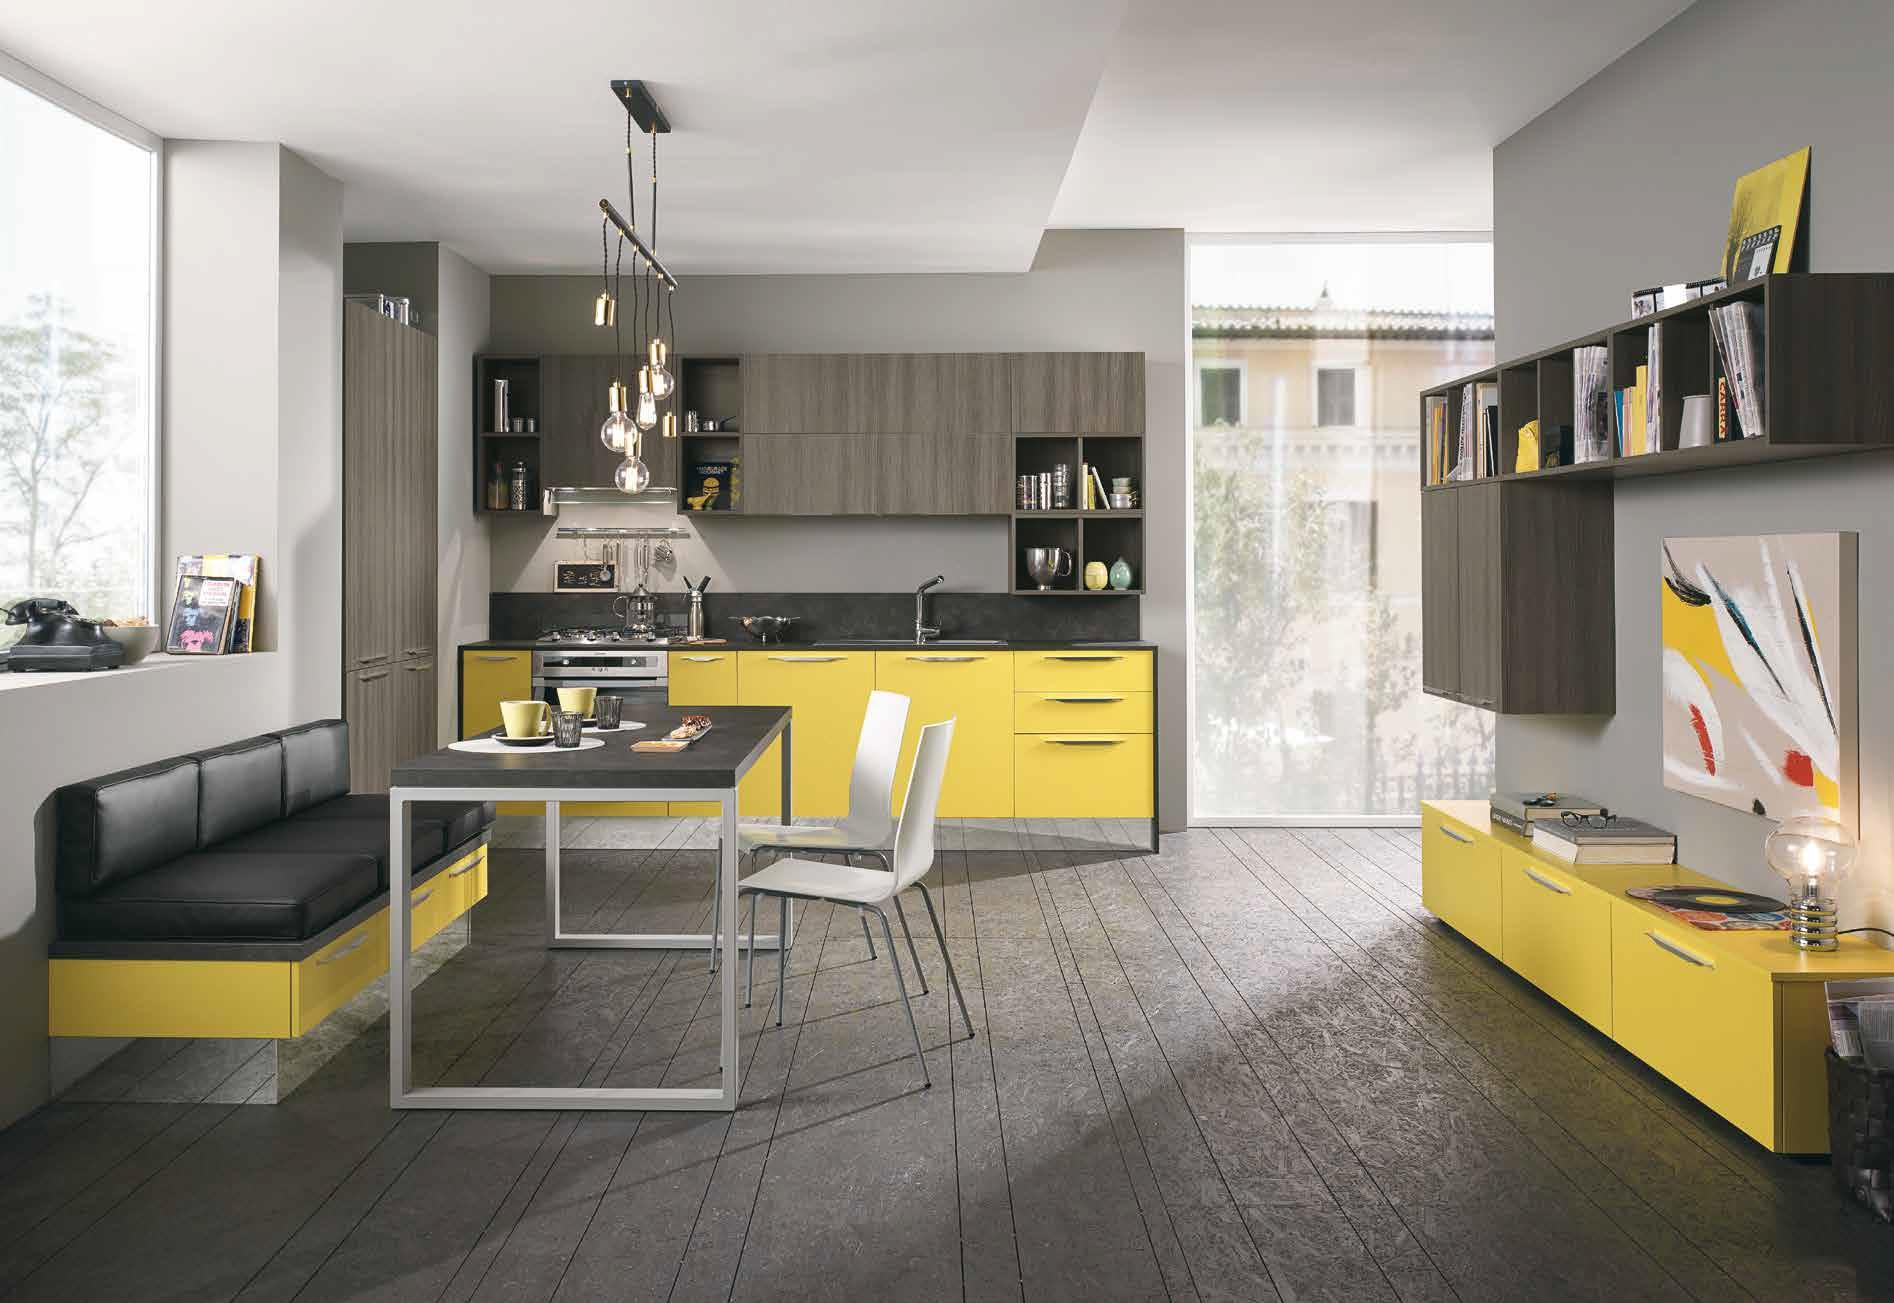 Cucina Quadra colorata gialla con soluzioni salvaspazio